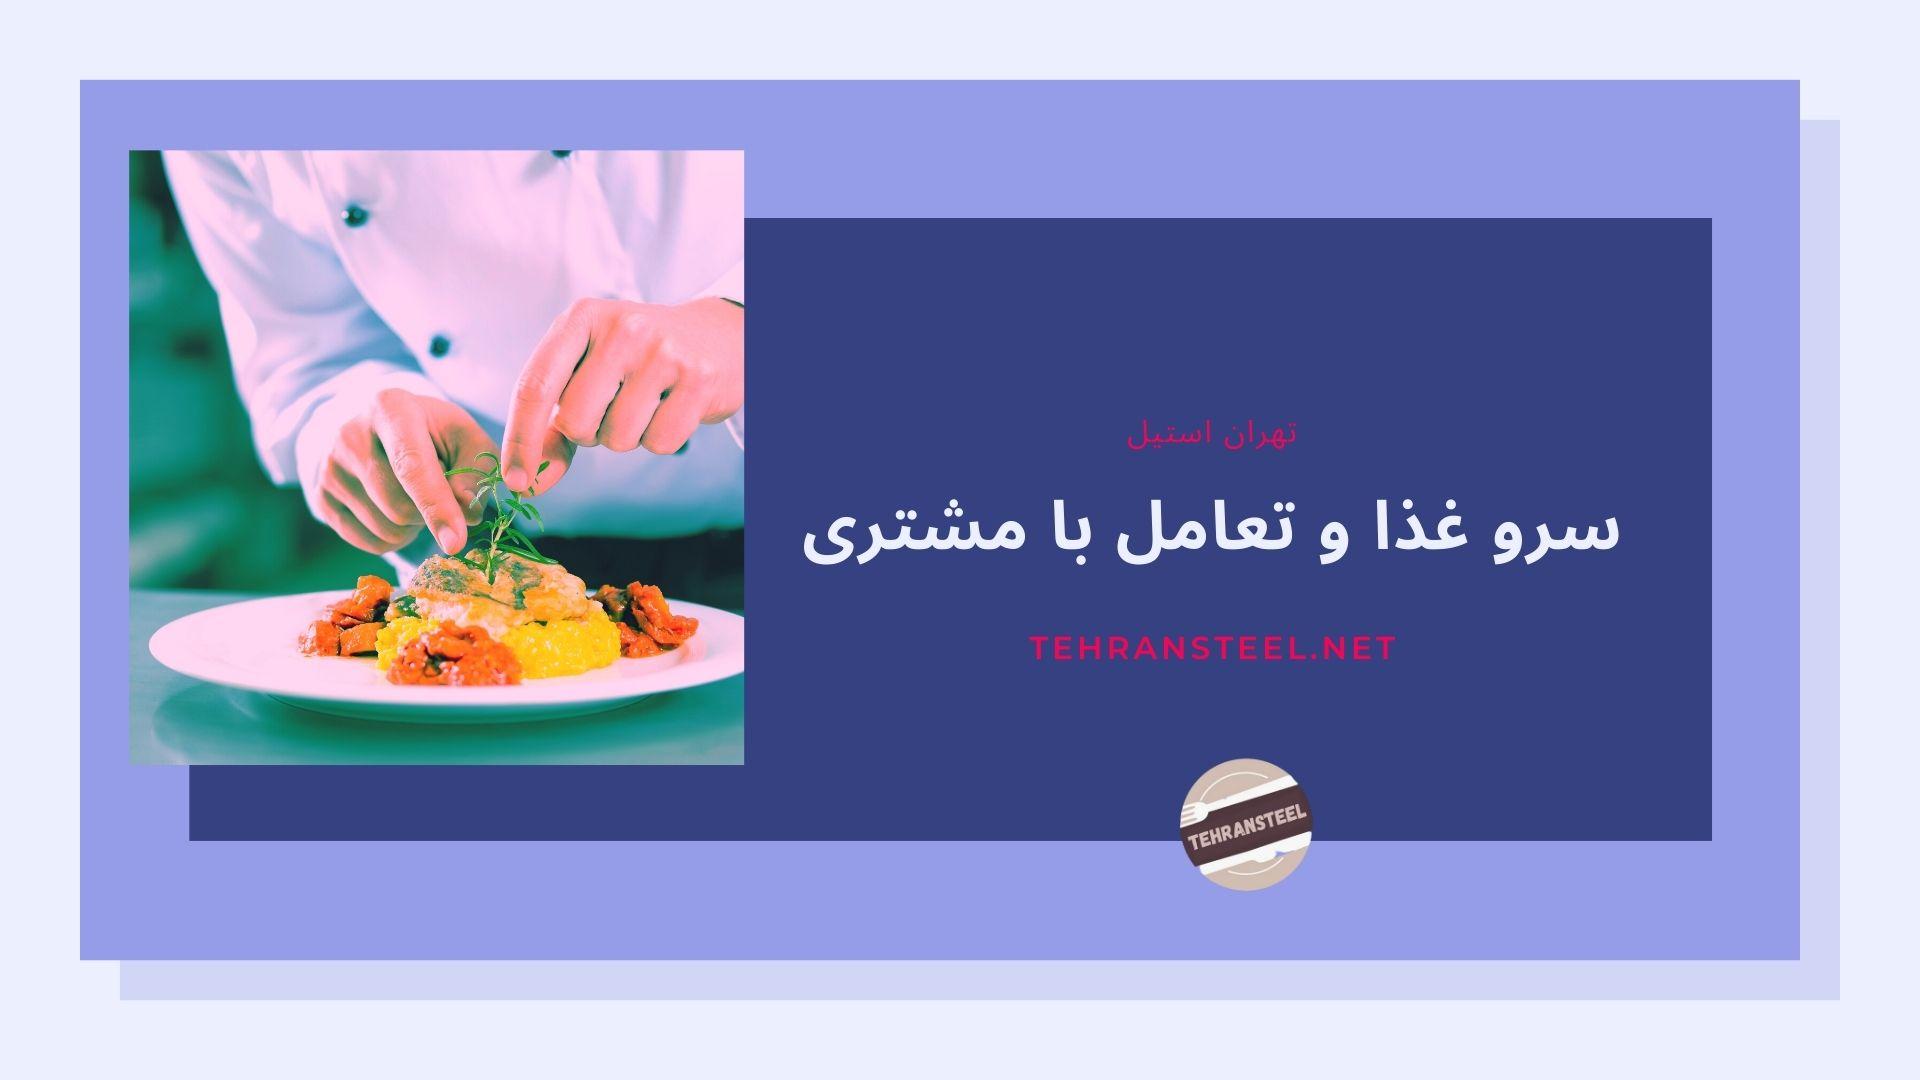 سرو غذا و تعامل با مشتری